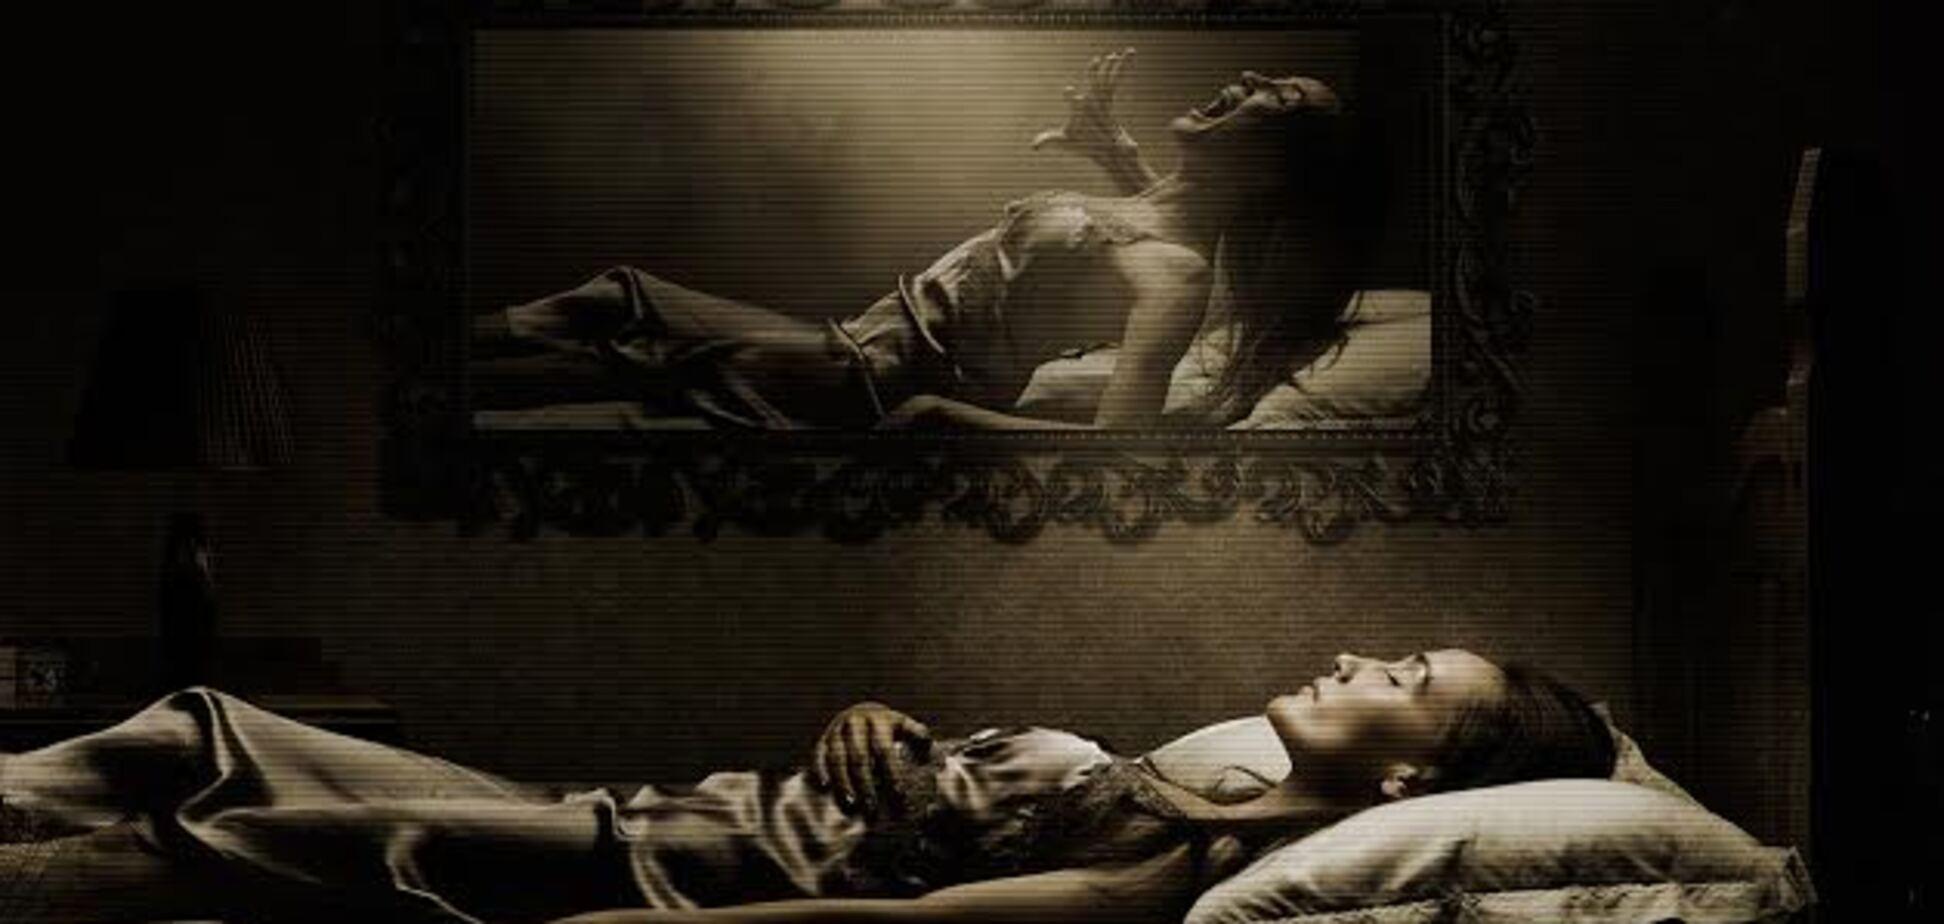 'Кинокомпания ММД' представит фильм ужасов, основанный на реальном психическом явлении